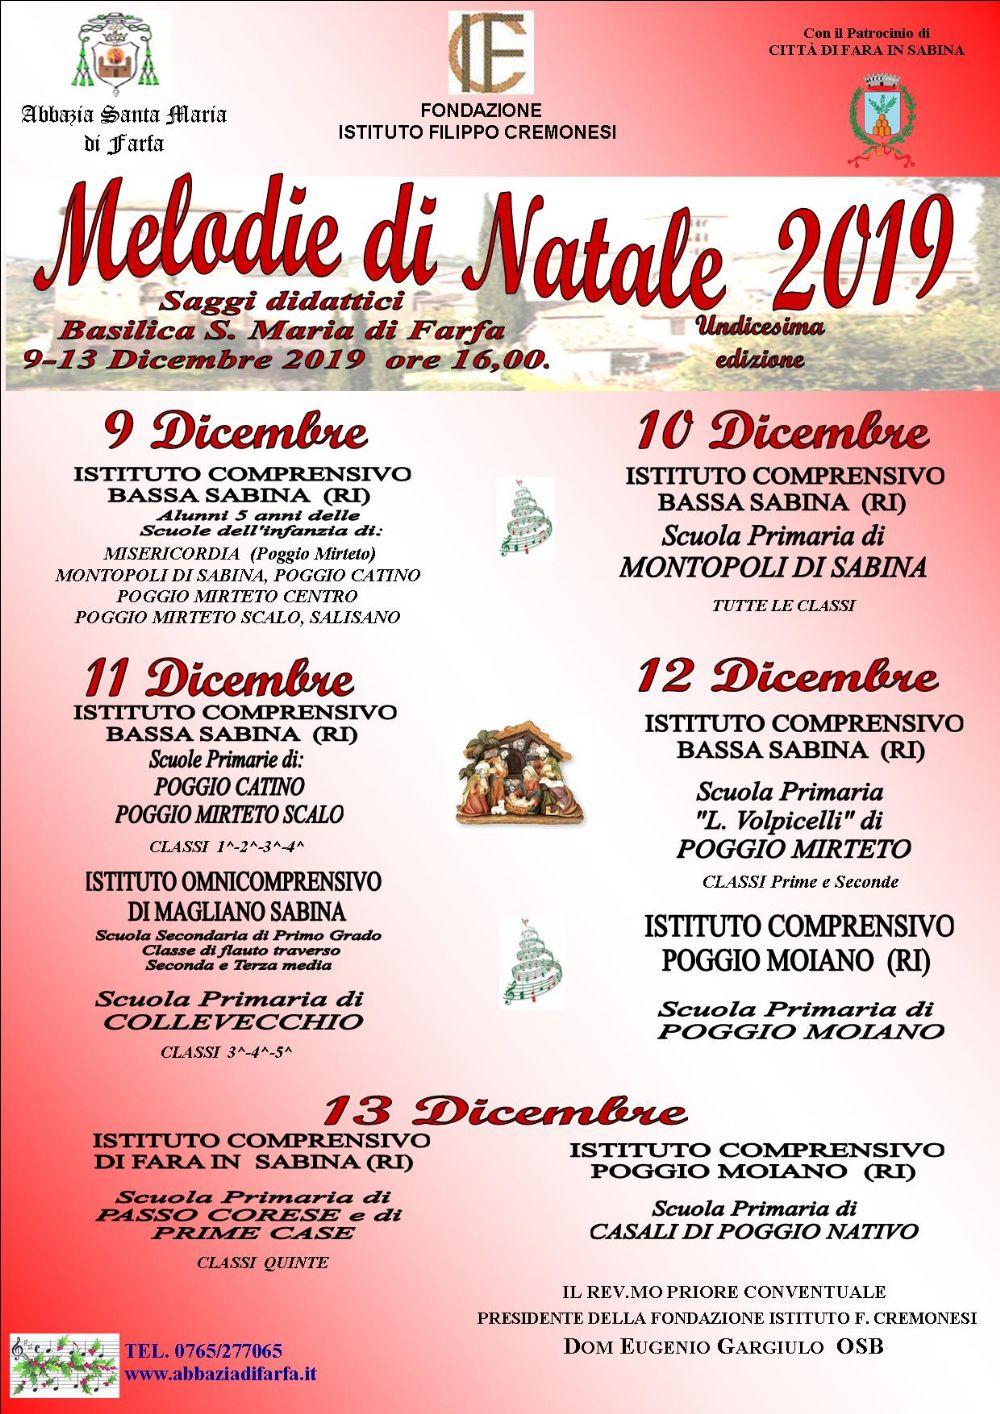 Melodie di Natale 2019 – 11^ edizione - eventi in sabina